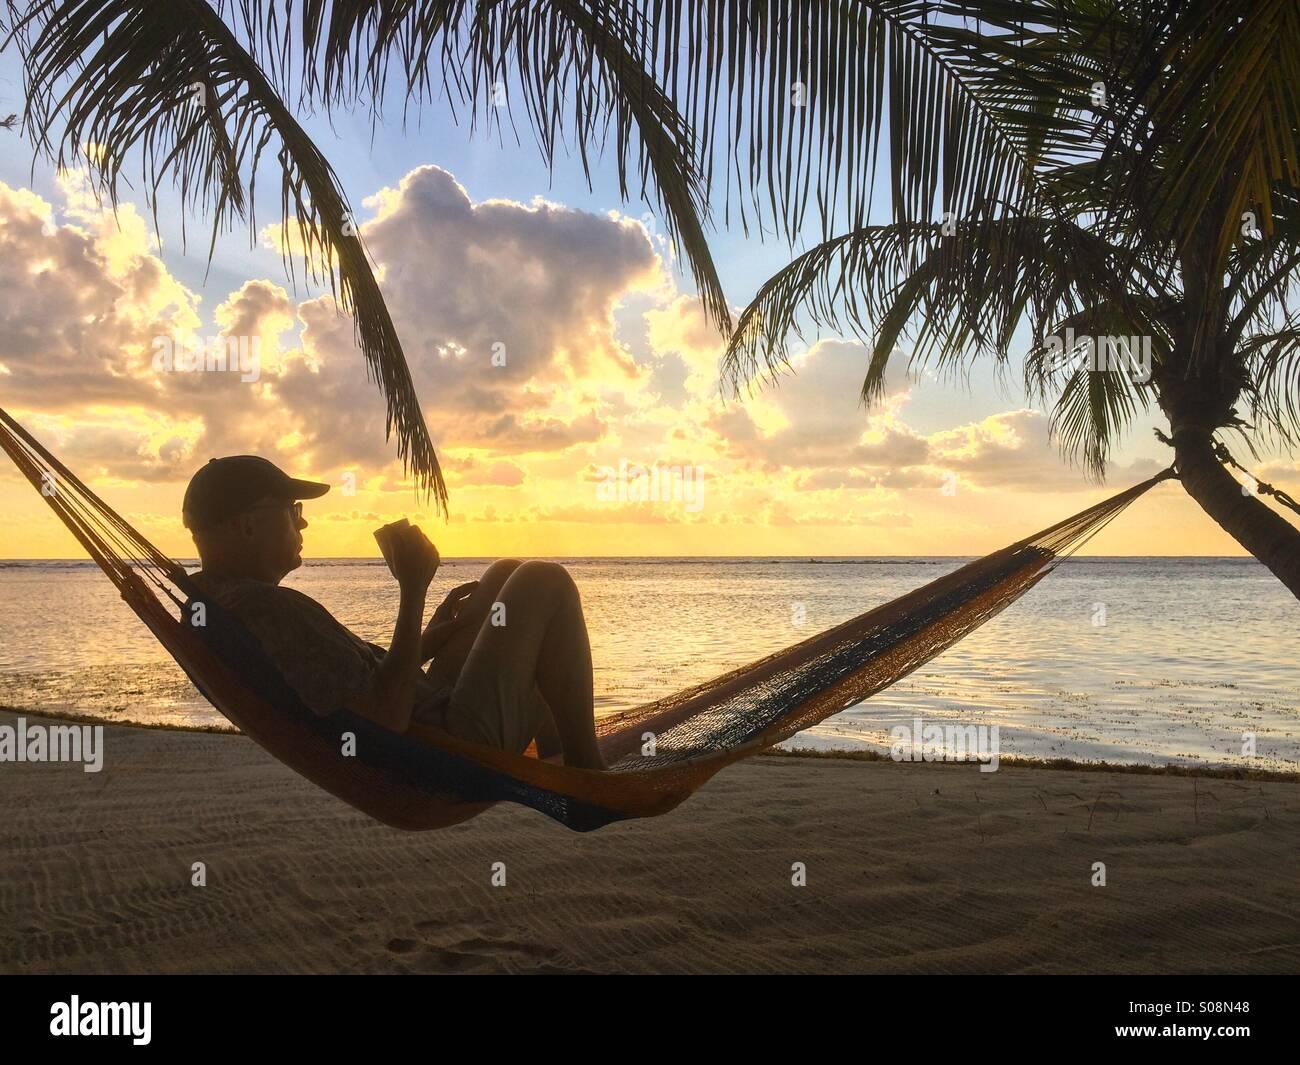 Hombre bebiendo café en la playa en una hamaca, Mar Caribe, Belice Imagen De Stock